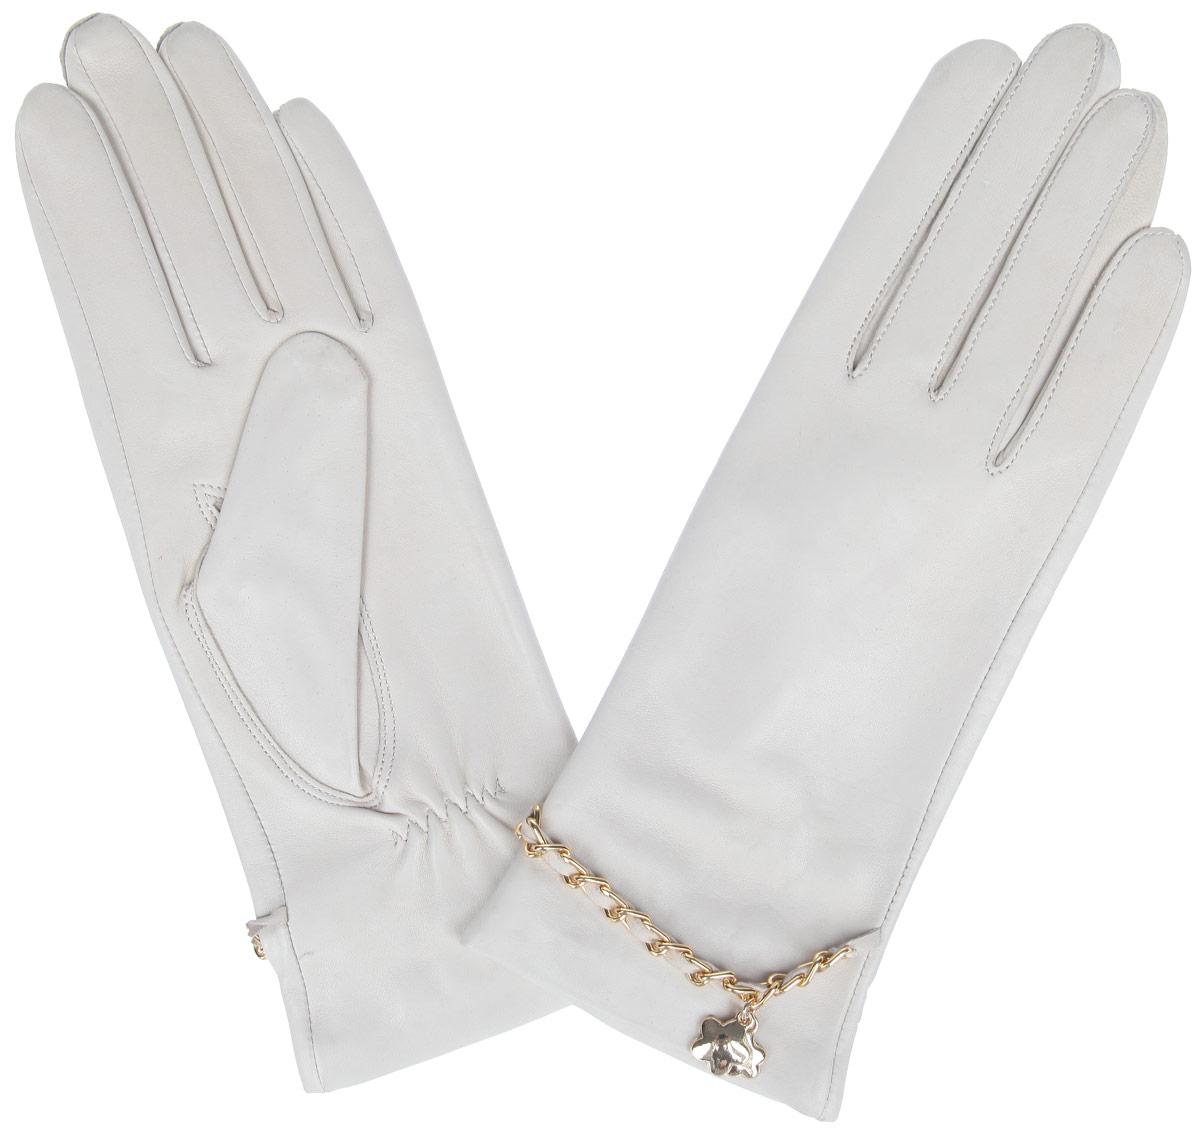 Перчатки женские Eleganzza, цвет: светло-бежевый. HP294. Размер 7,5HP294Стильные женские перчатки Eleganzza не только защитят ваши руки от холода, но и станут великолепным украшением. Перчатки выполнены из натуральной кожи ягненка на шелковой подкладке. На тыльной стороне имеется небольшая сборка резинкой для того, чтобы перчатки лучше сидели. Оформлено изделие цепочкой, переплетенной с кожаным ремешком и украшенной подвеской в виде цветочков.В настоящее время перчатки являются неотъемлемой принадлежностью одежды, вместе с этим аксессуаром вы обретаете женственность и элегантность. Перчатки станут завершающим и подчеркивающим элементом вашего стиля и неповторимости.